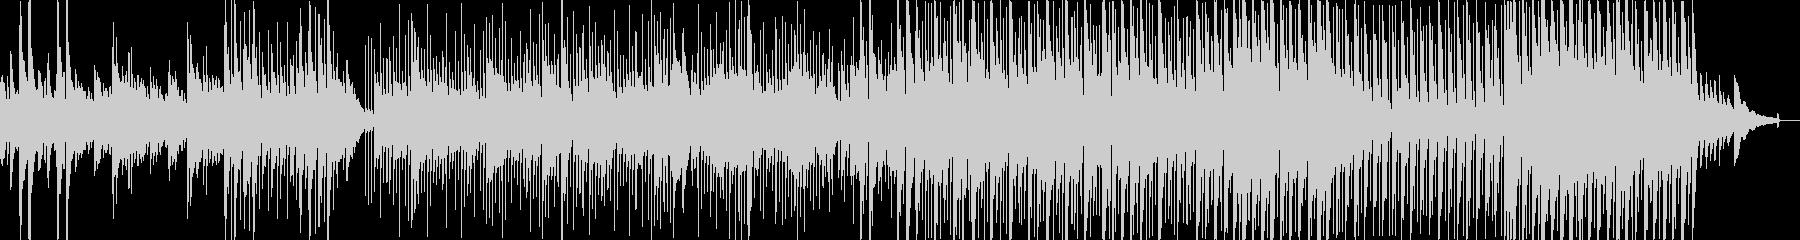 ほのぼのした牧歌的フォークソングの未再生の波形